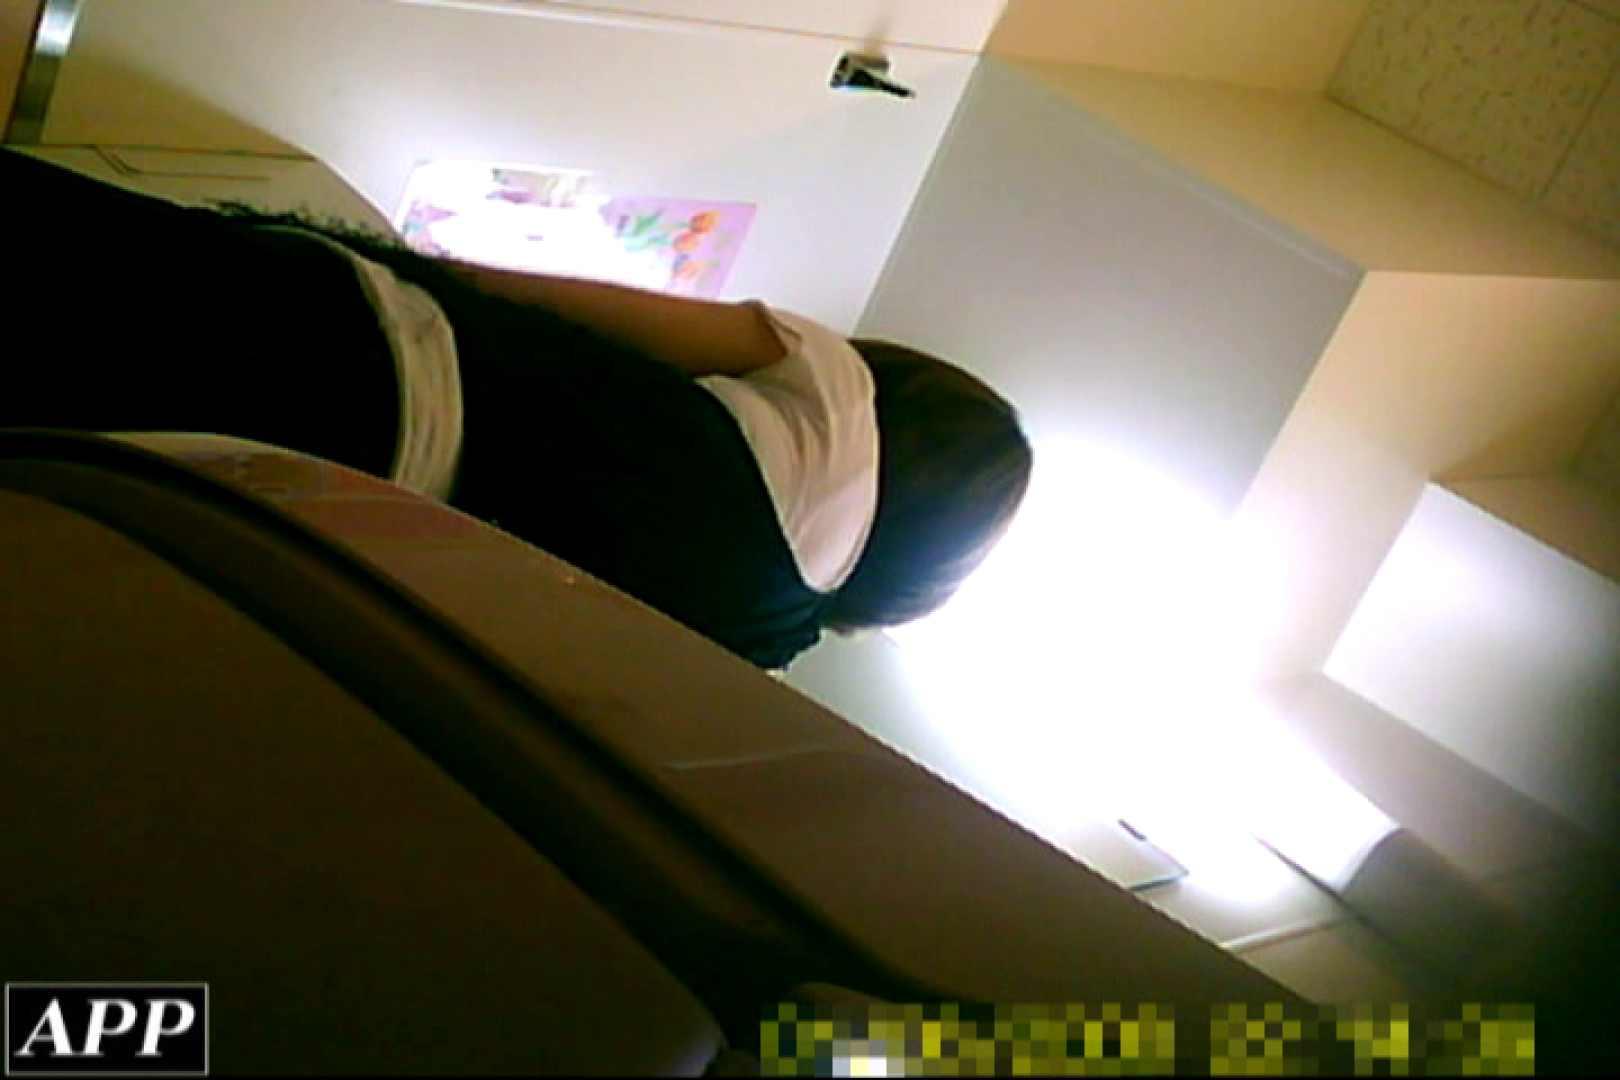 3視点洗面所 vol.135 美しいOLの裸体 オマンコ無修正動画無料 71pic 8